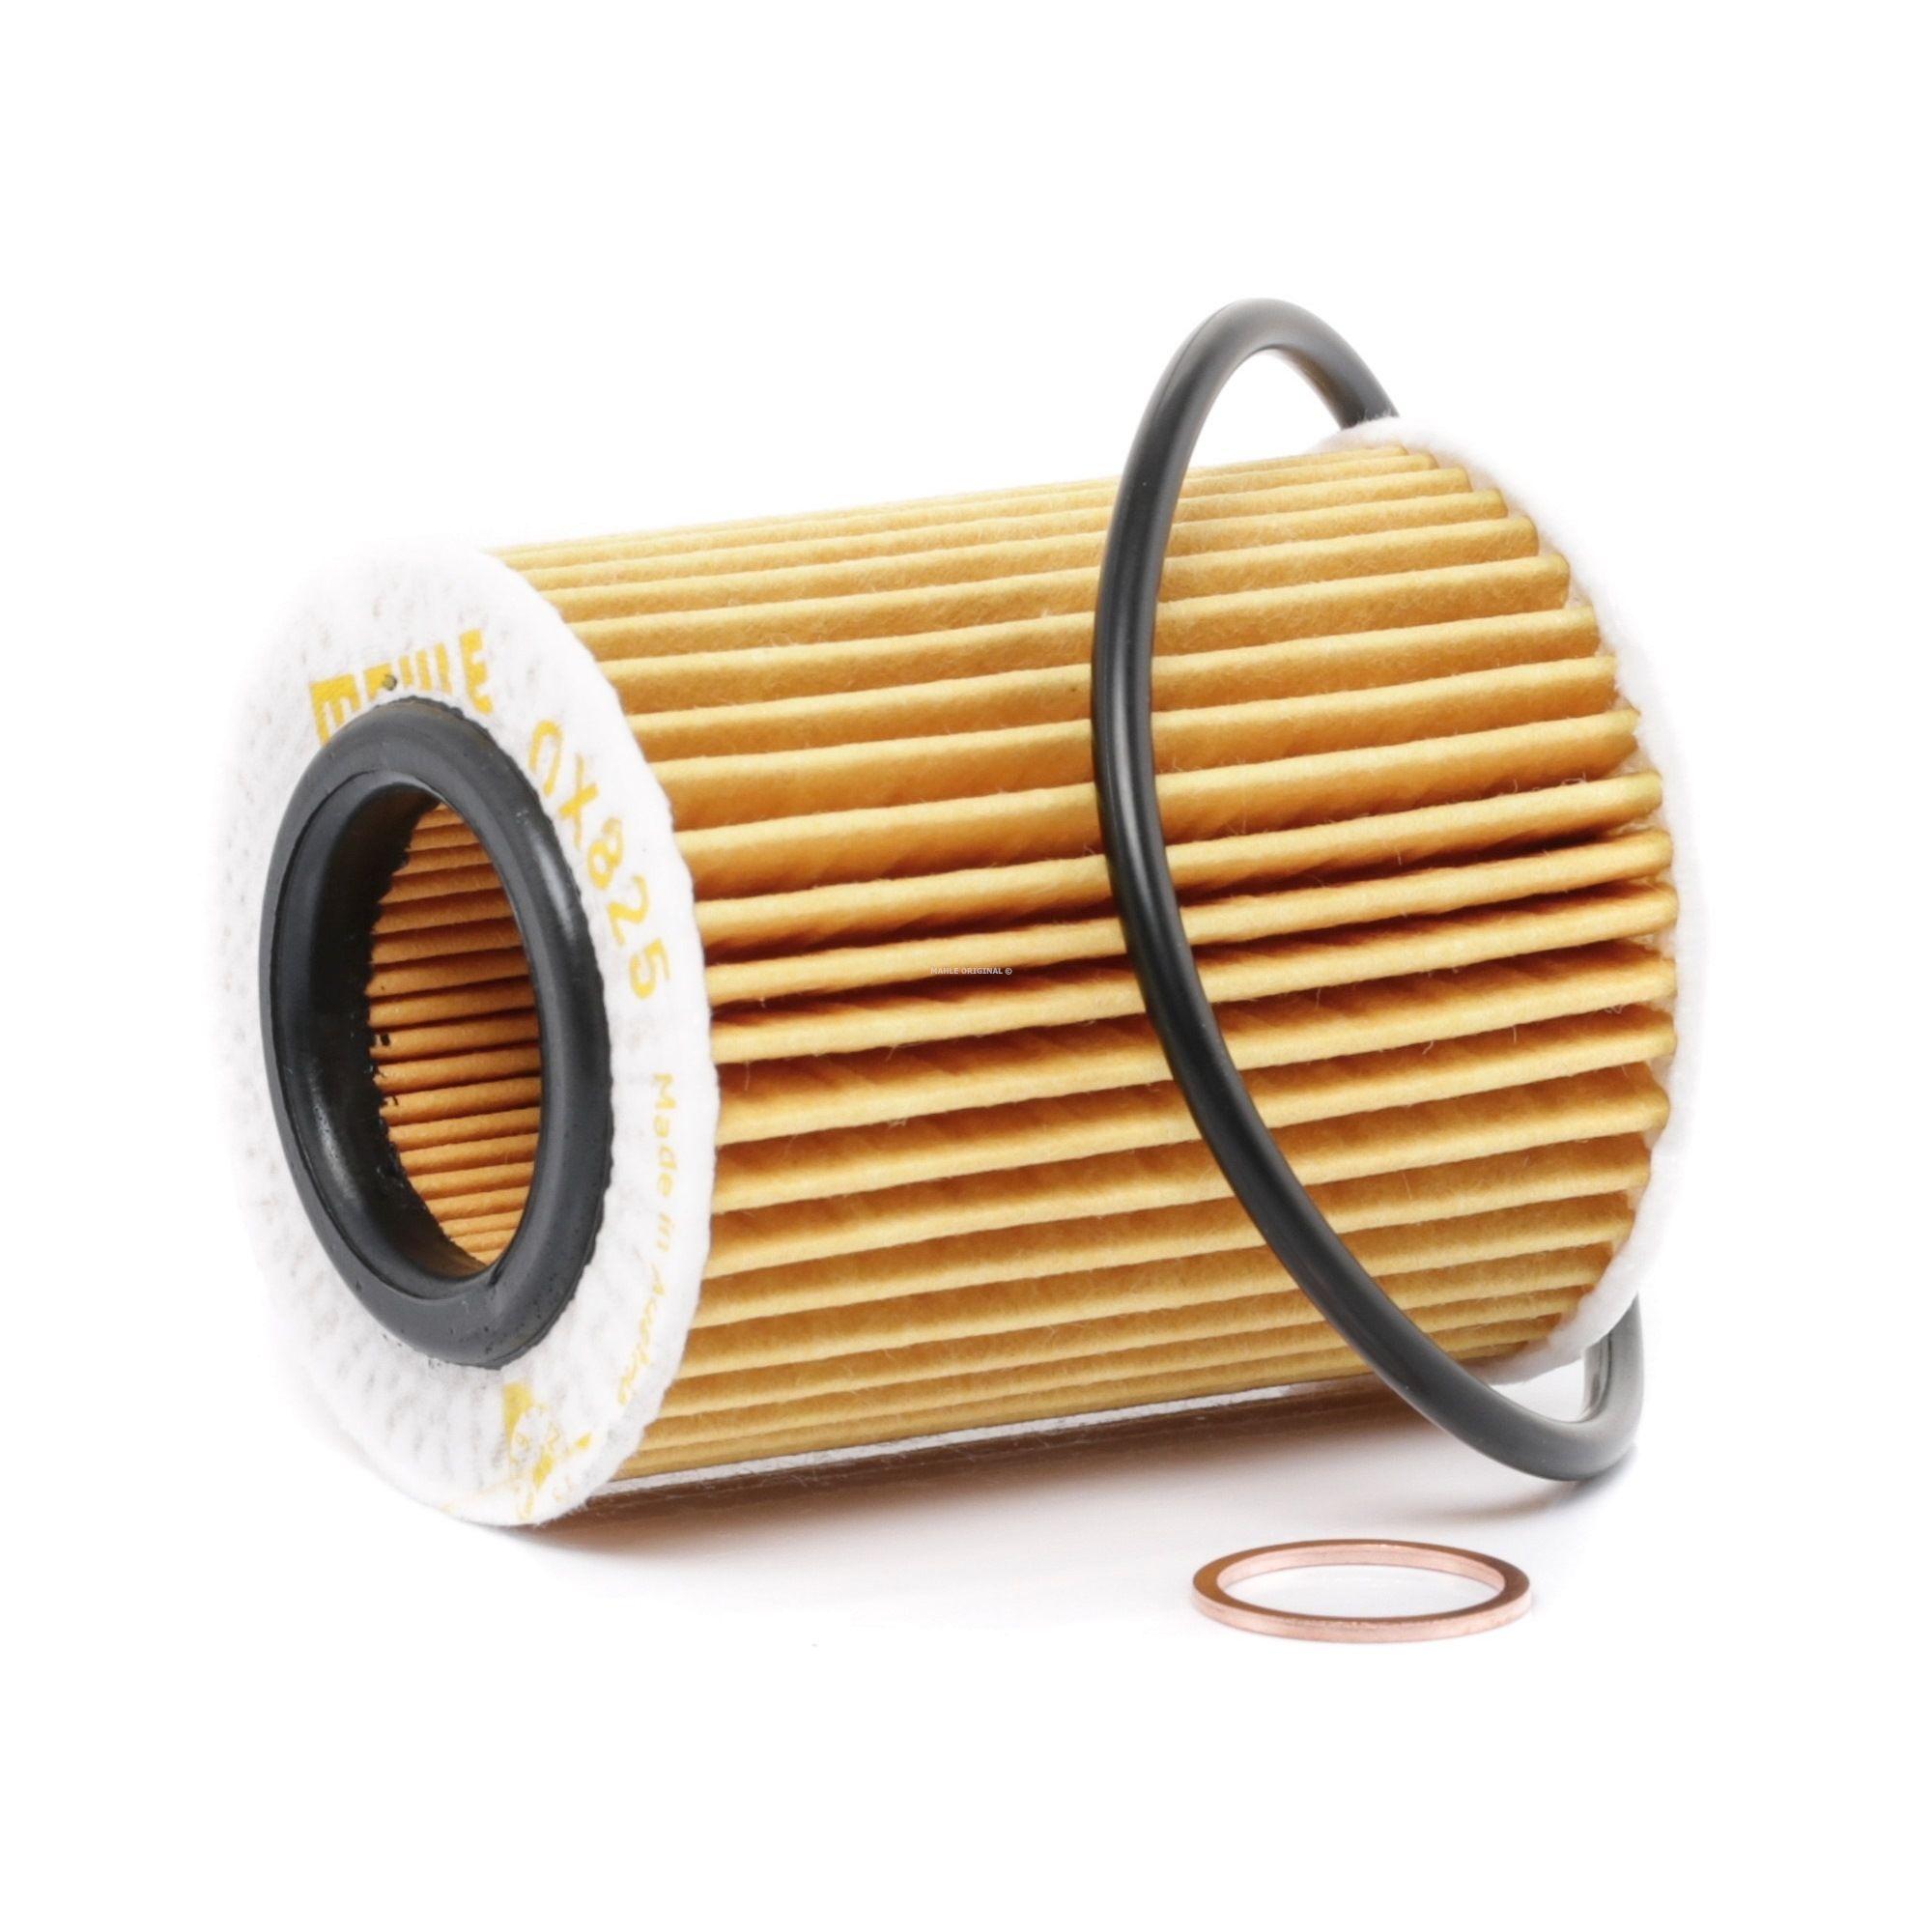 Filtre à huile Cartouche filtrante F30 N13 (342)